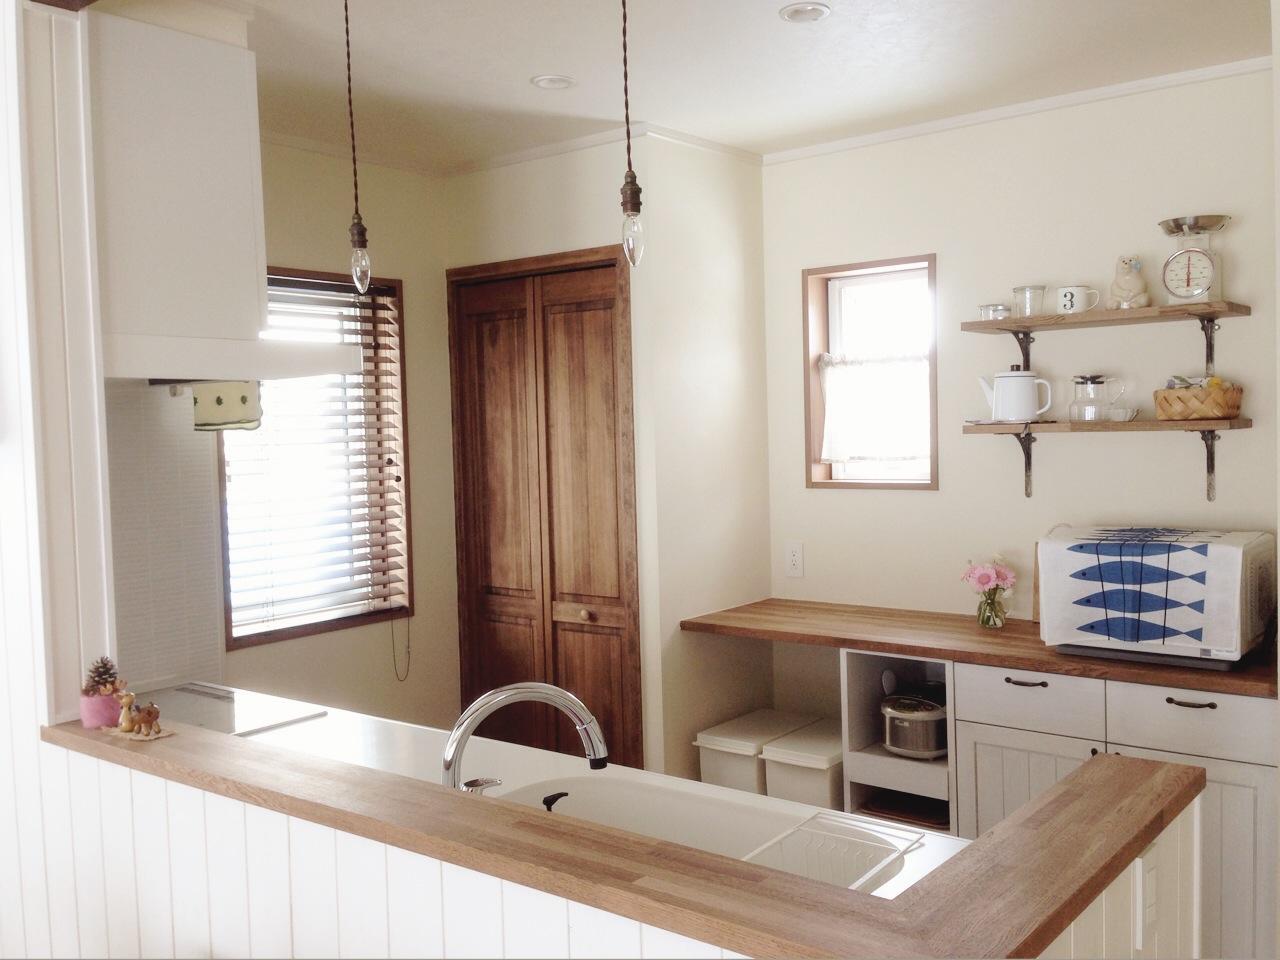 キッチン 背面収納 キッチン : リビングからキッチンを見ると ...